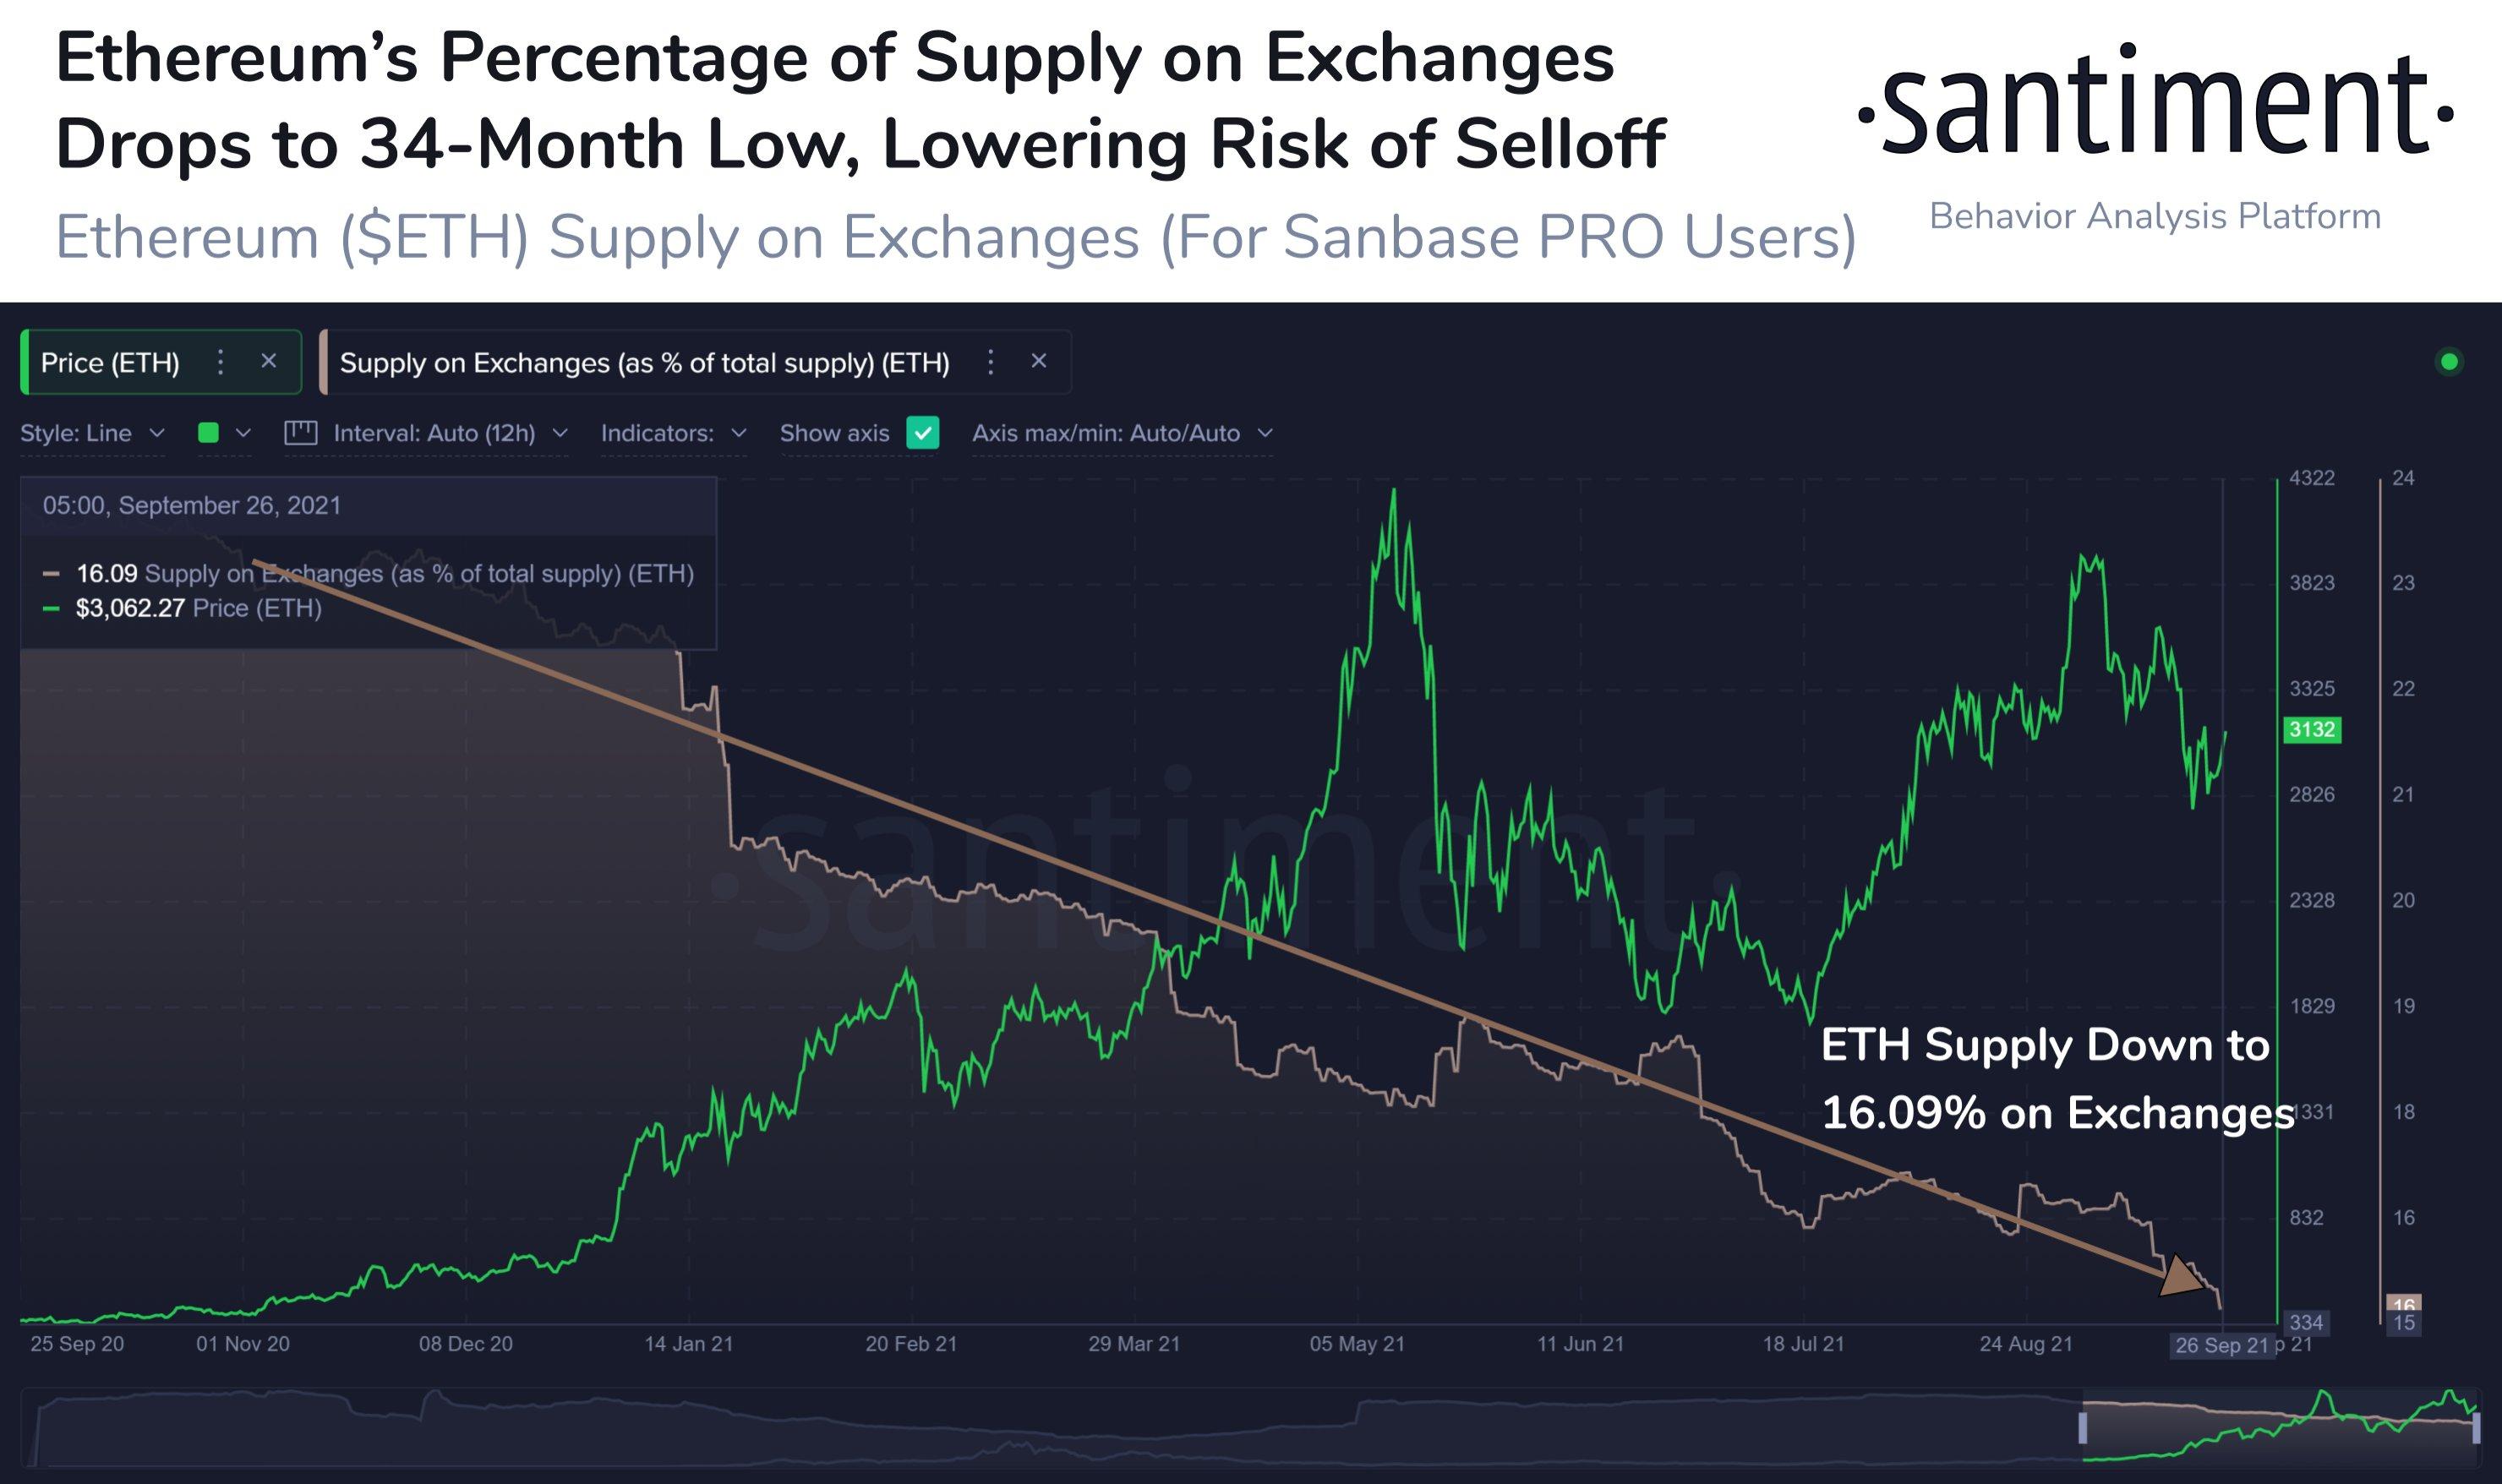 Santiment: Снижение биржевого баланса эфира ослабляет давление на рынок